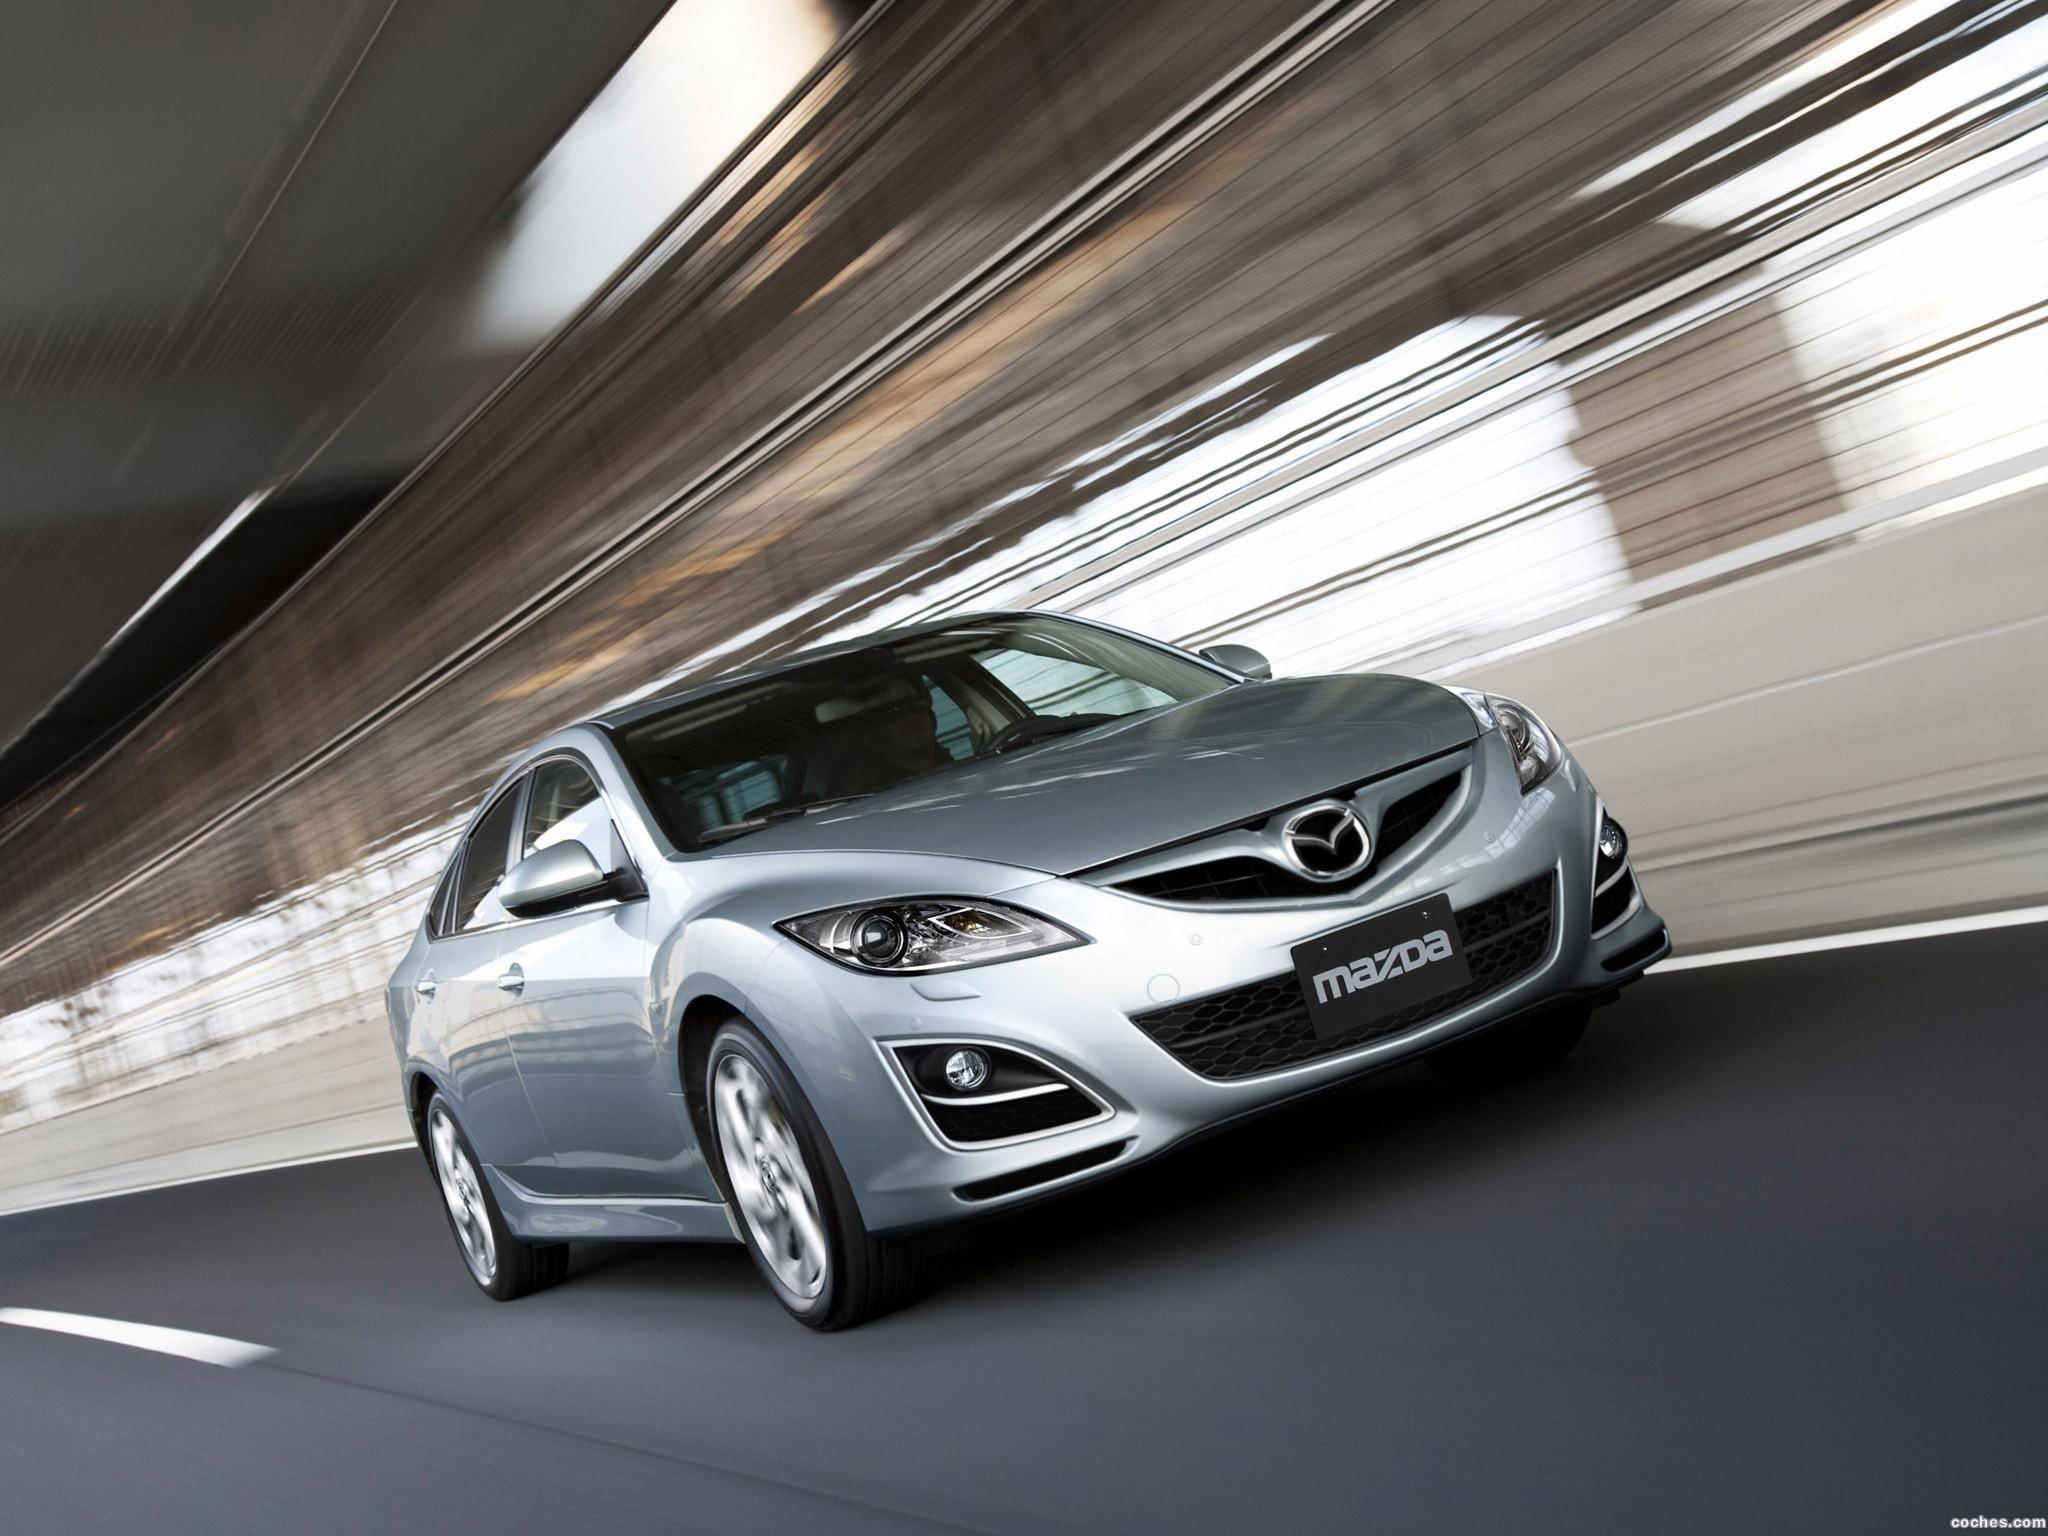 Foto 0 de Mazda 6 Hatchback 2010